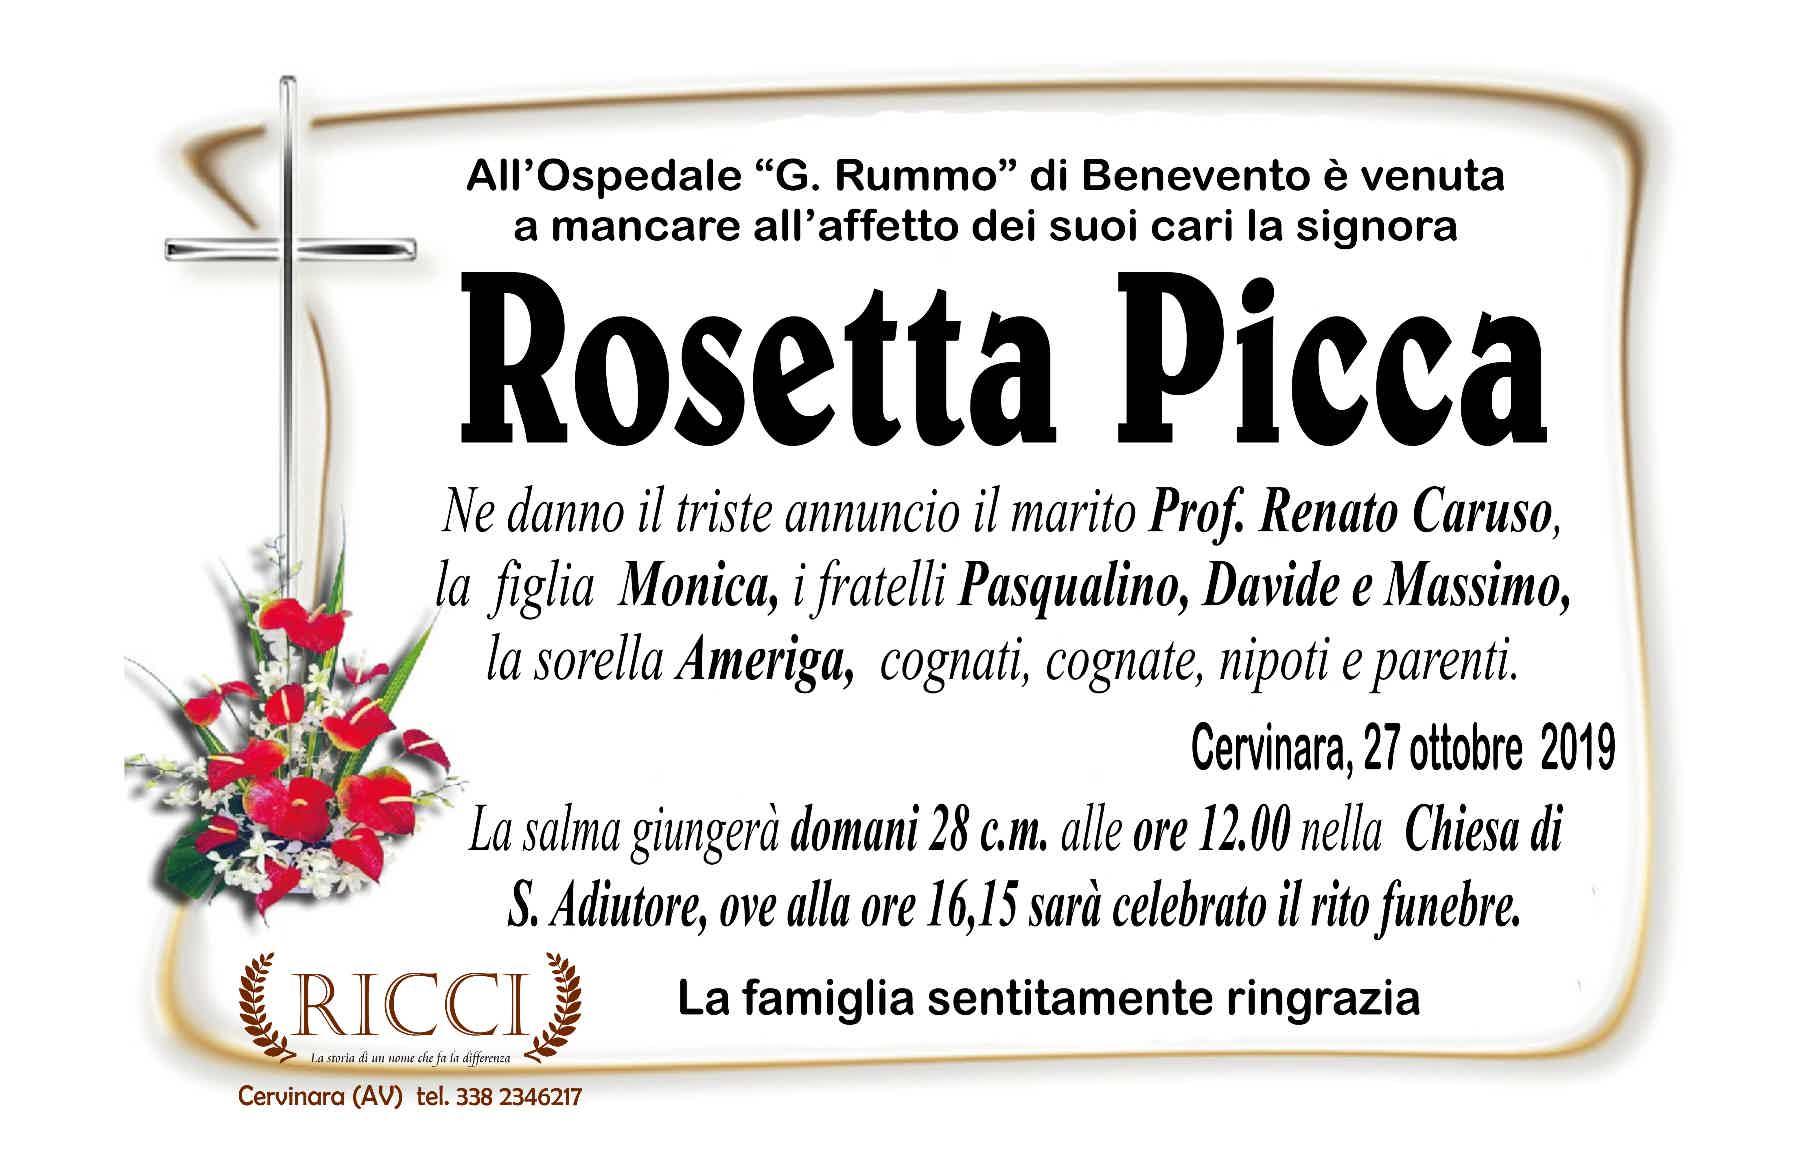 Rosetta Picca